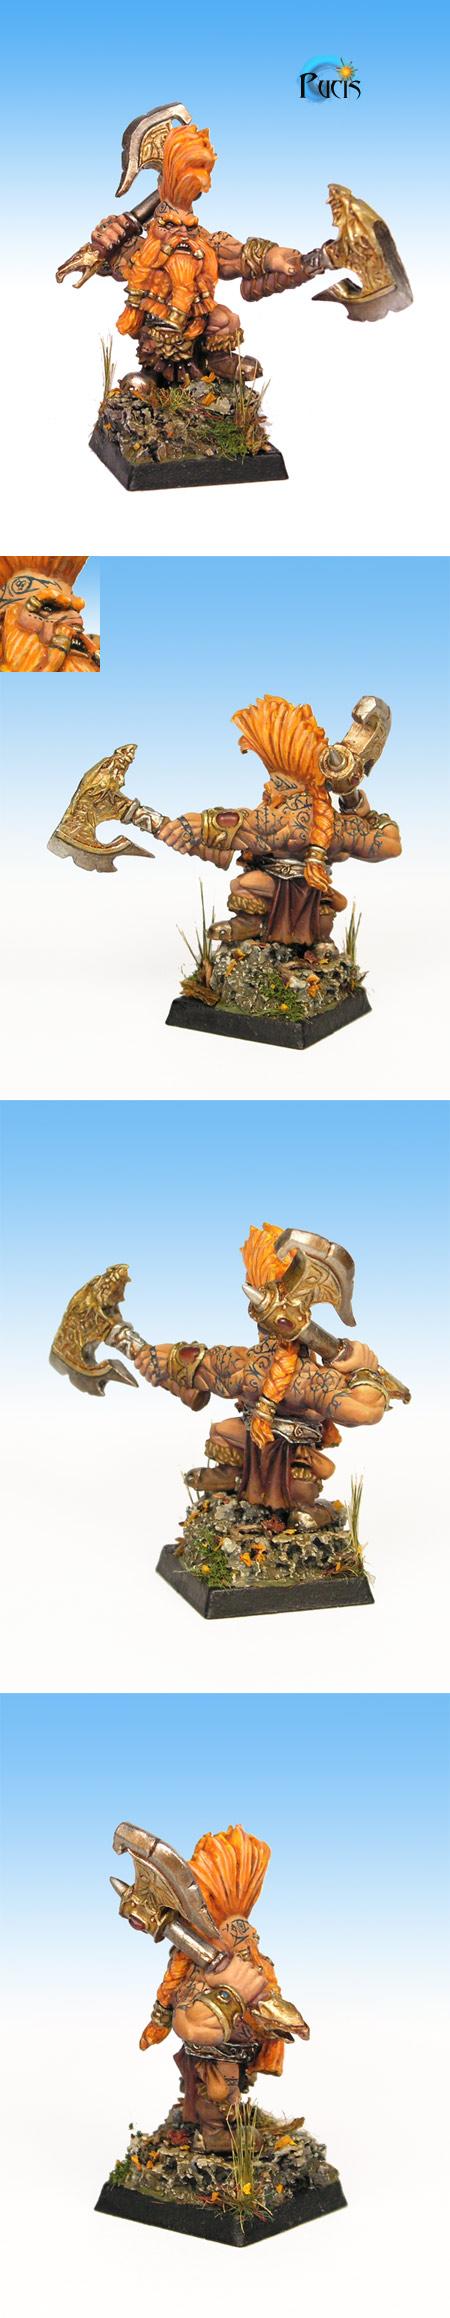 [Boîte à idées] Figurines/décors Nains - Page 2 Slayer10